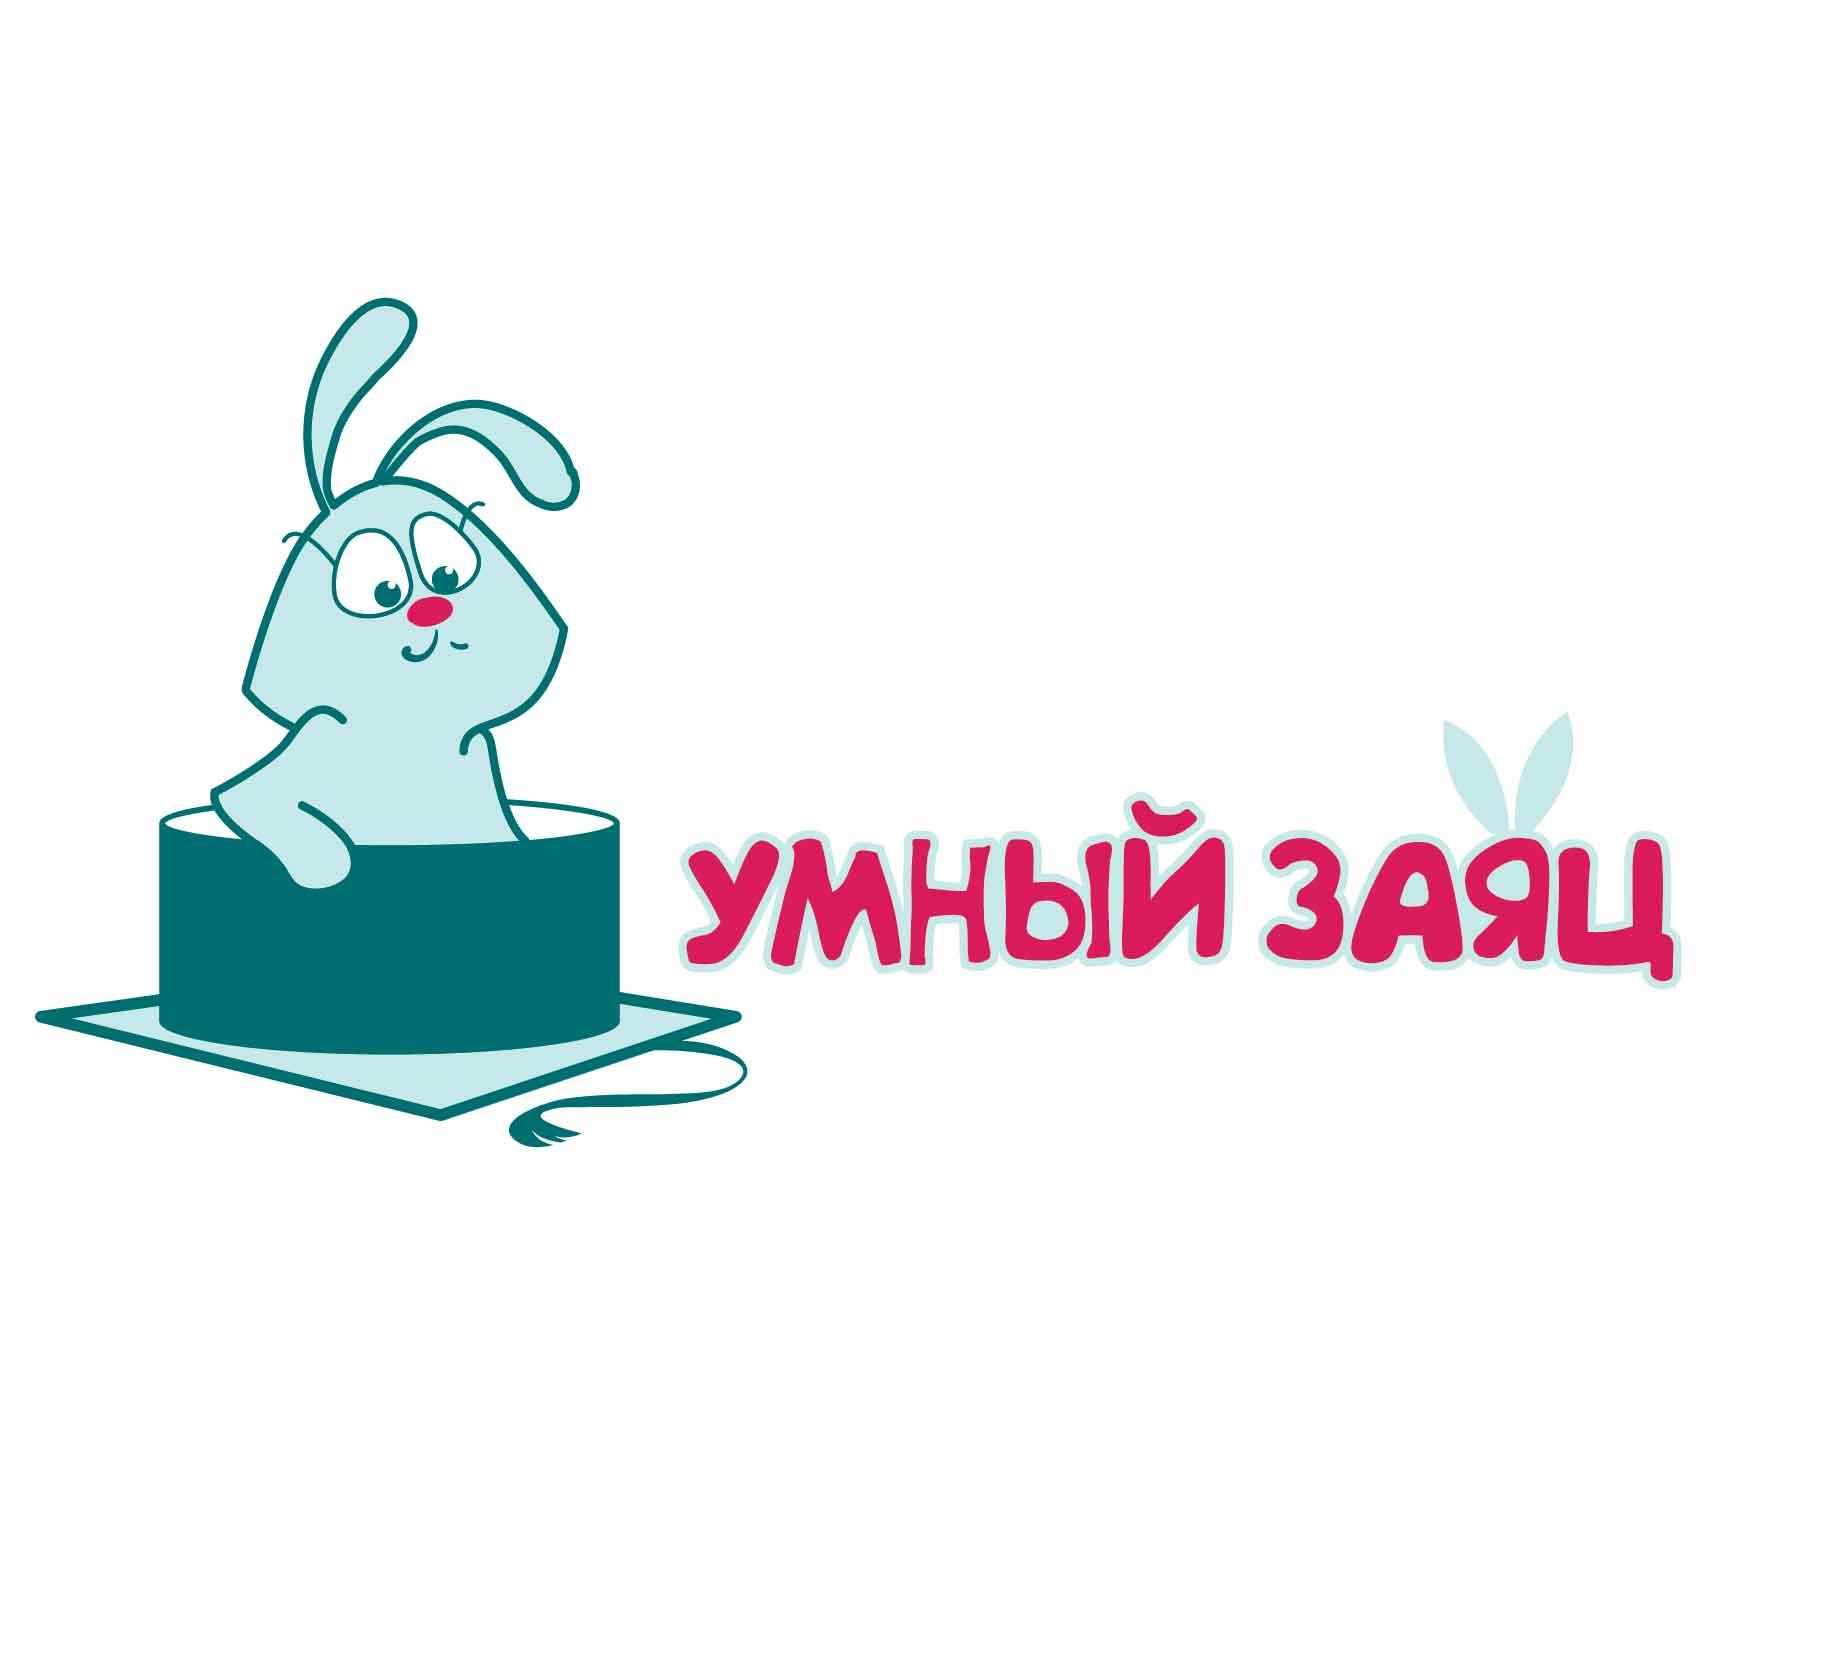 Разработать логотип и фирменный стиль детского клуба фото f_7615559a375d2228.jpg